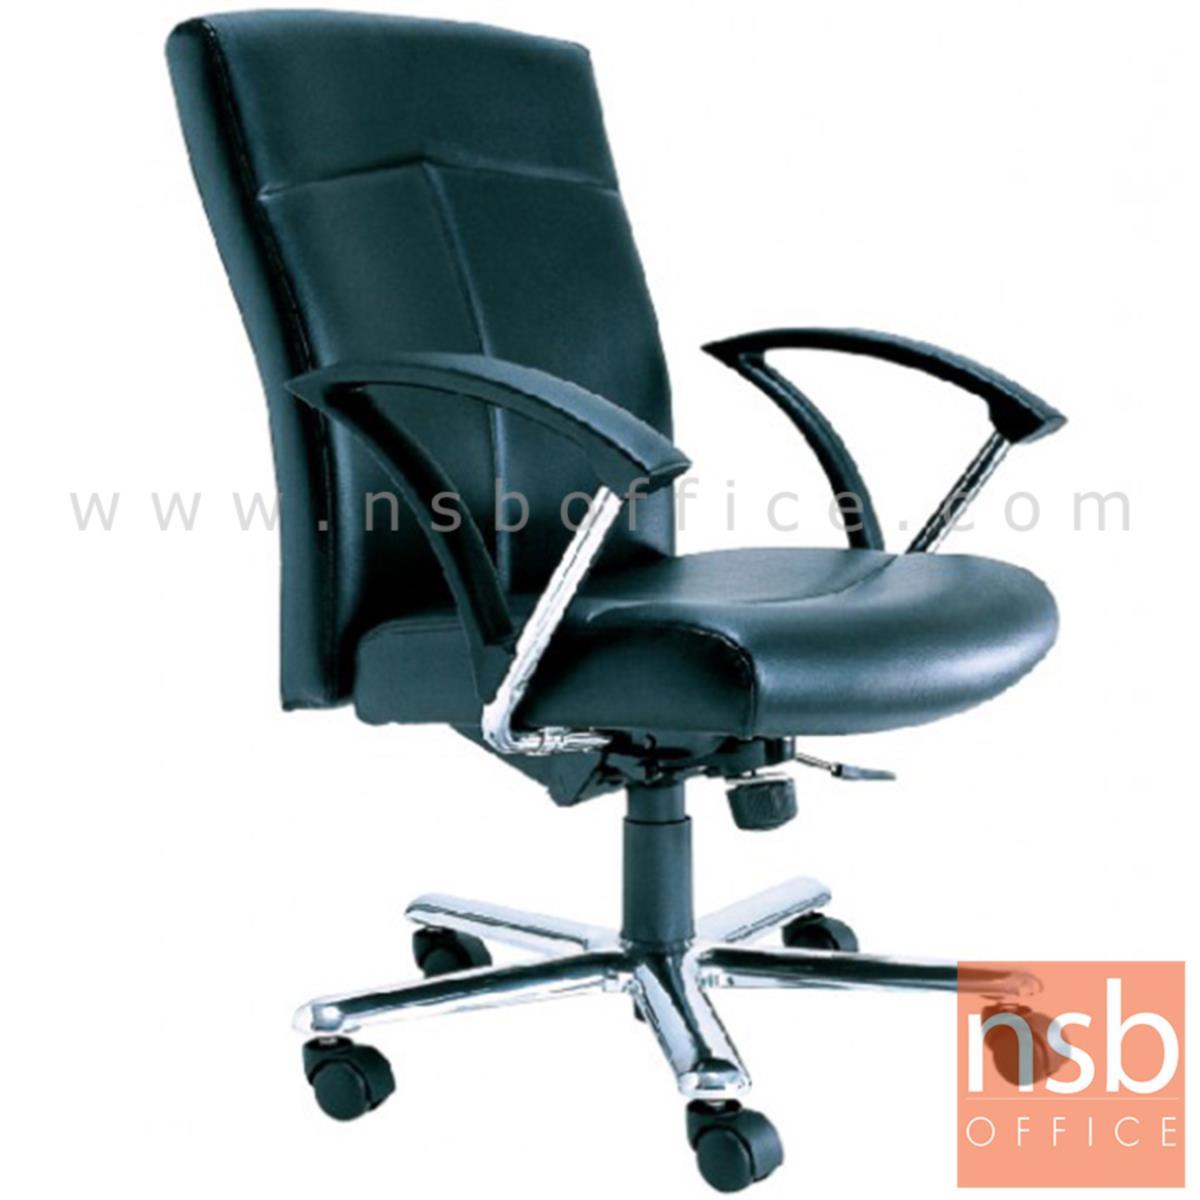 B28A015:เก้าอี้หัวหน้างาน รุ่น debt (แด็ต)  โช๊คแก๊ส มีก้อนโยก ขาเหล็กชุบโครเมี่ยม